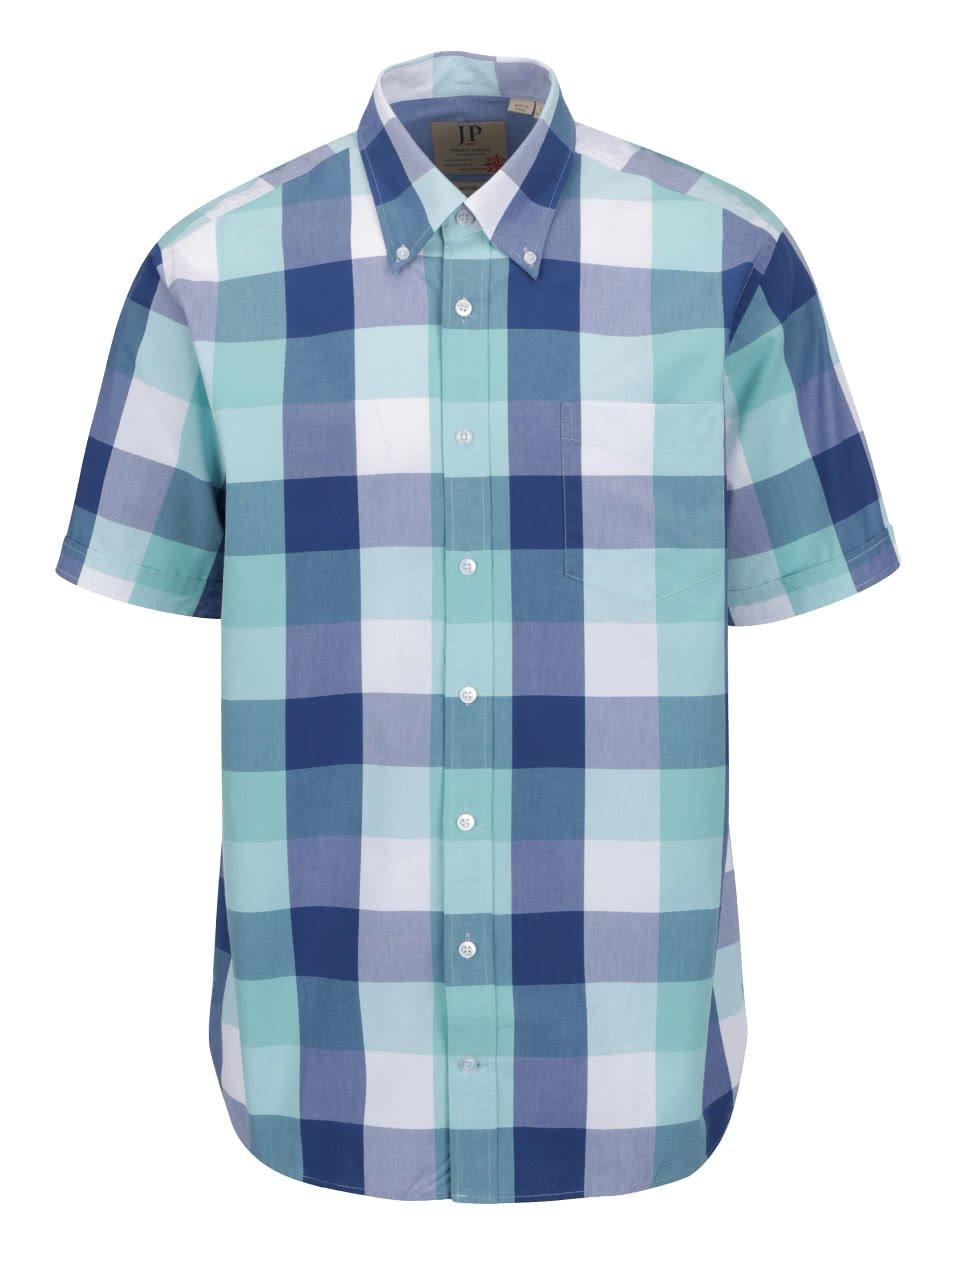 Zeleno-modrá kostkovaná košile JP 1880